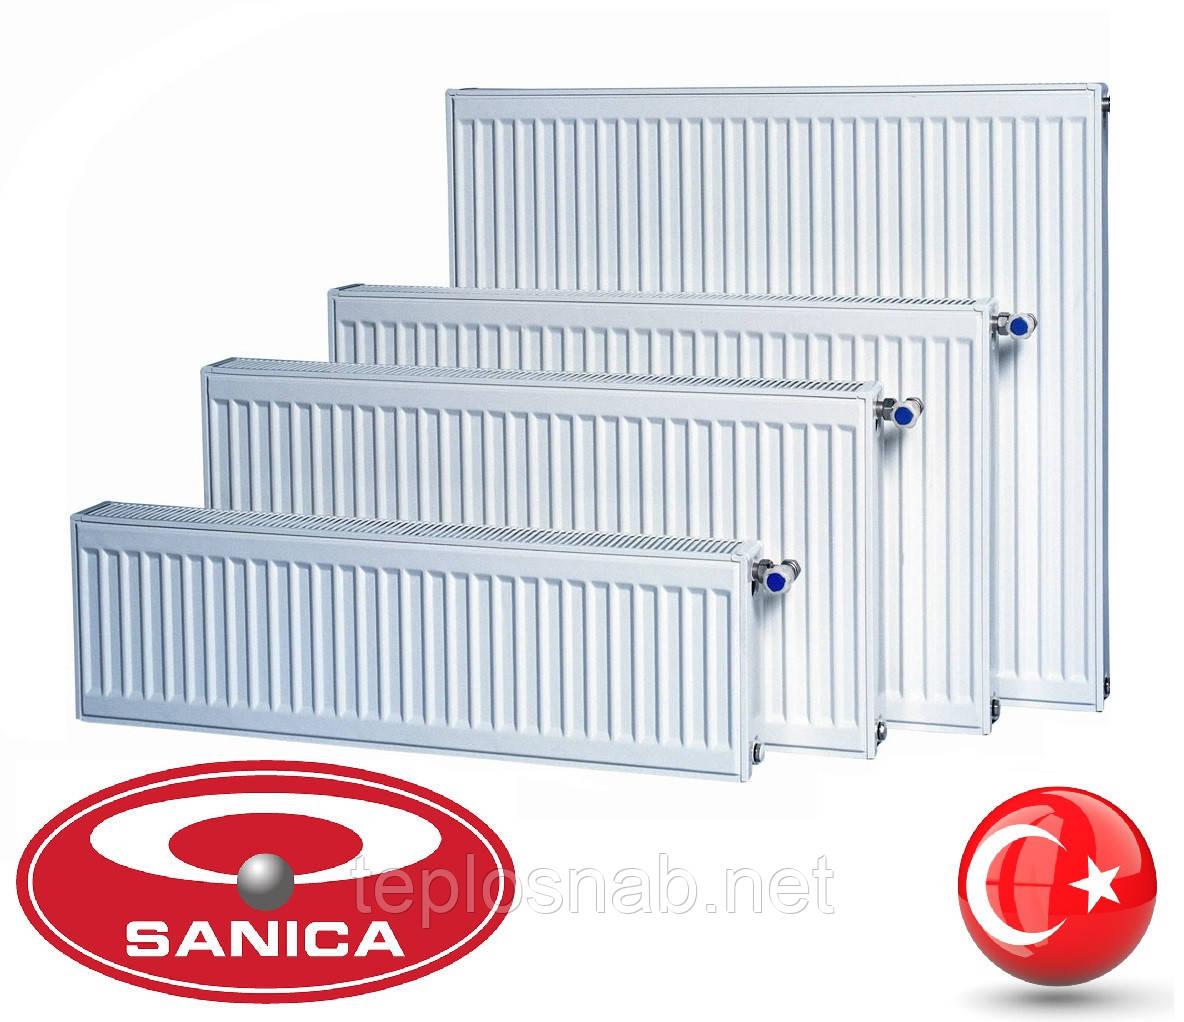 Стальной радиатор Sanica 22 тип (300 х 500 мм) / 635 Вт